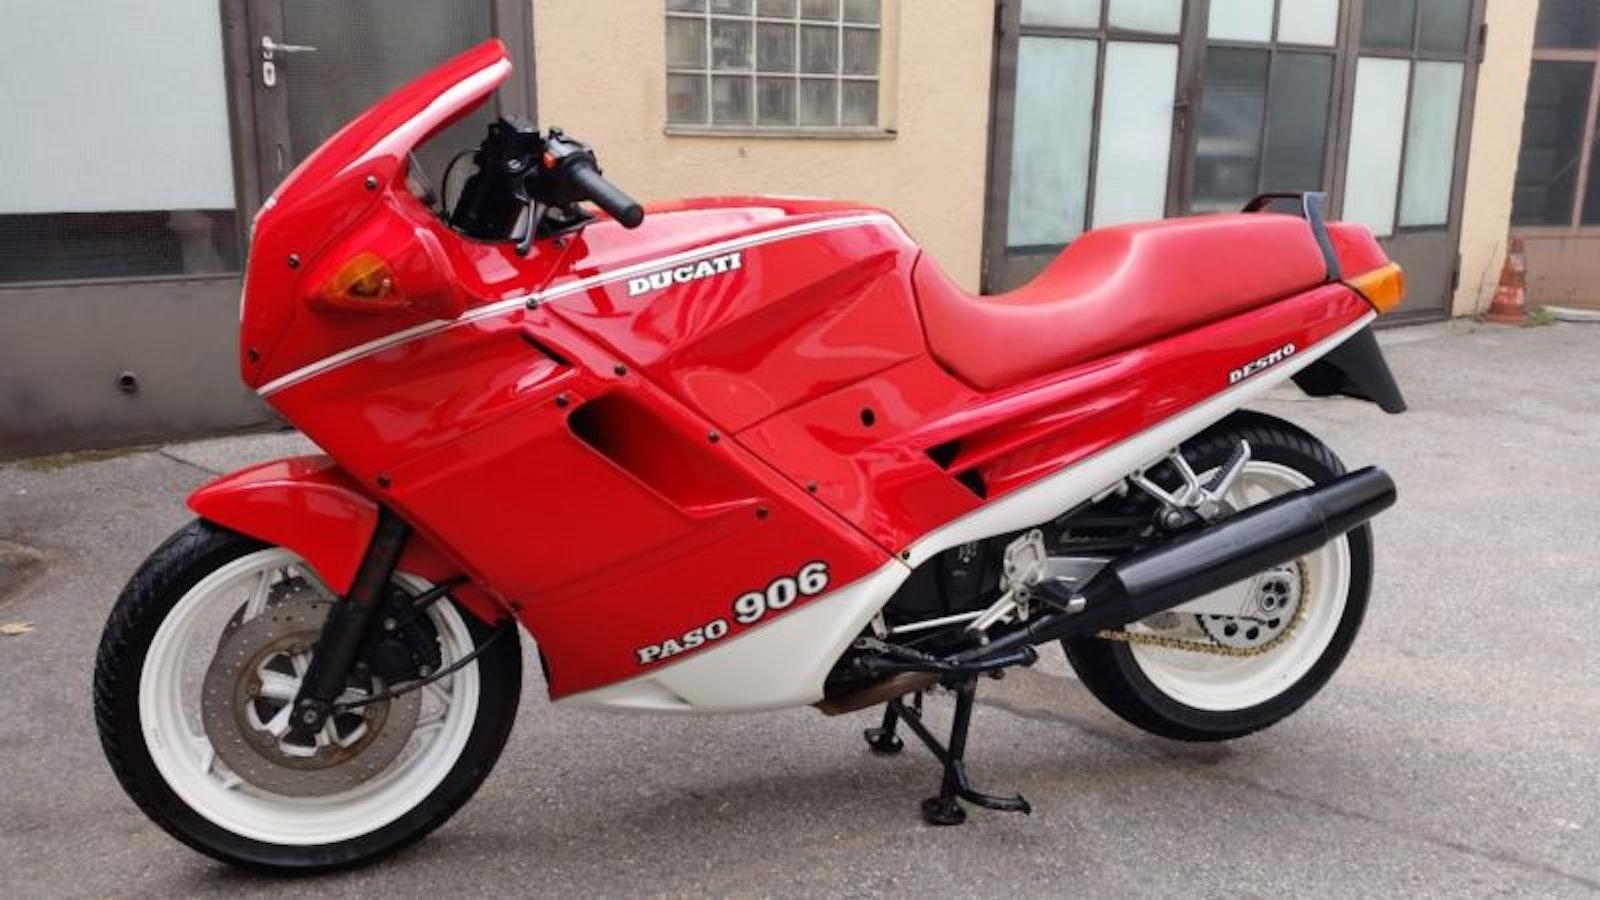 5. Ducati 906 Paso